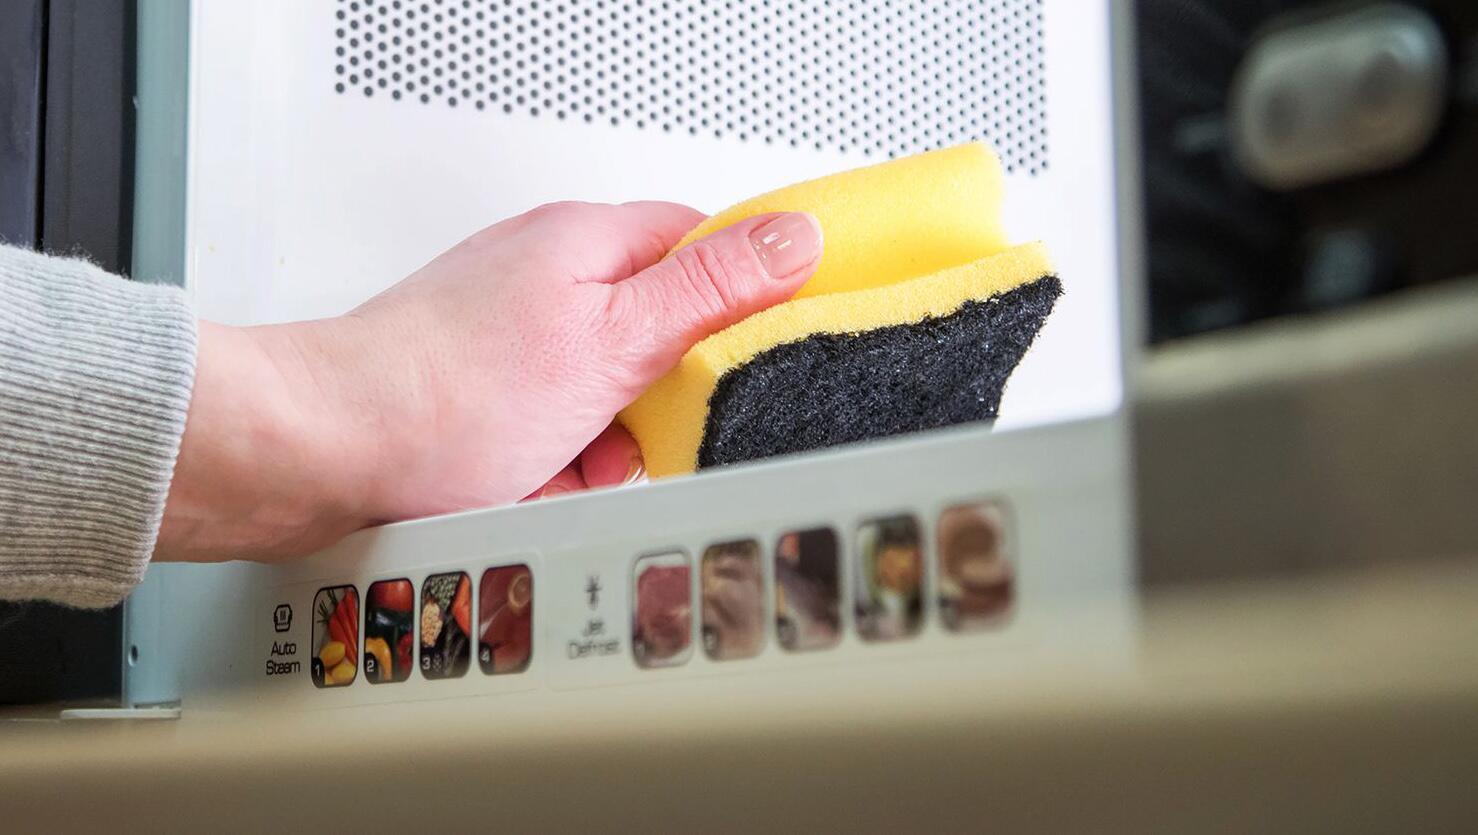 Bild zu Spülschwämme besser nicht dauerhaft in der Mikrowelle reinigen